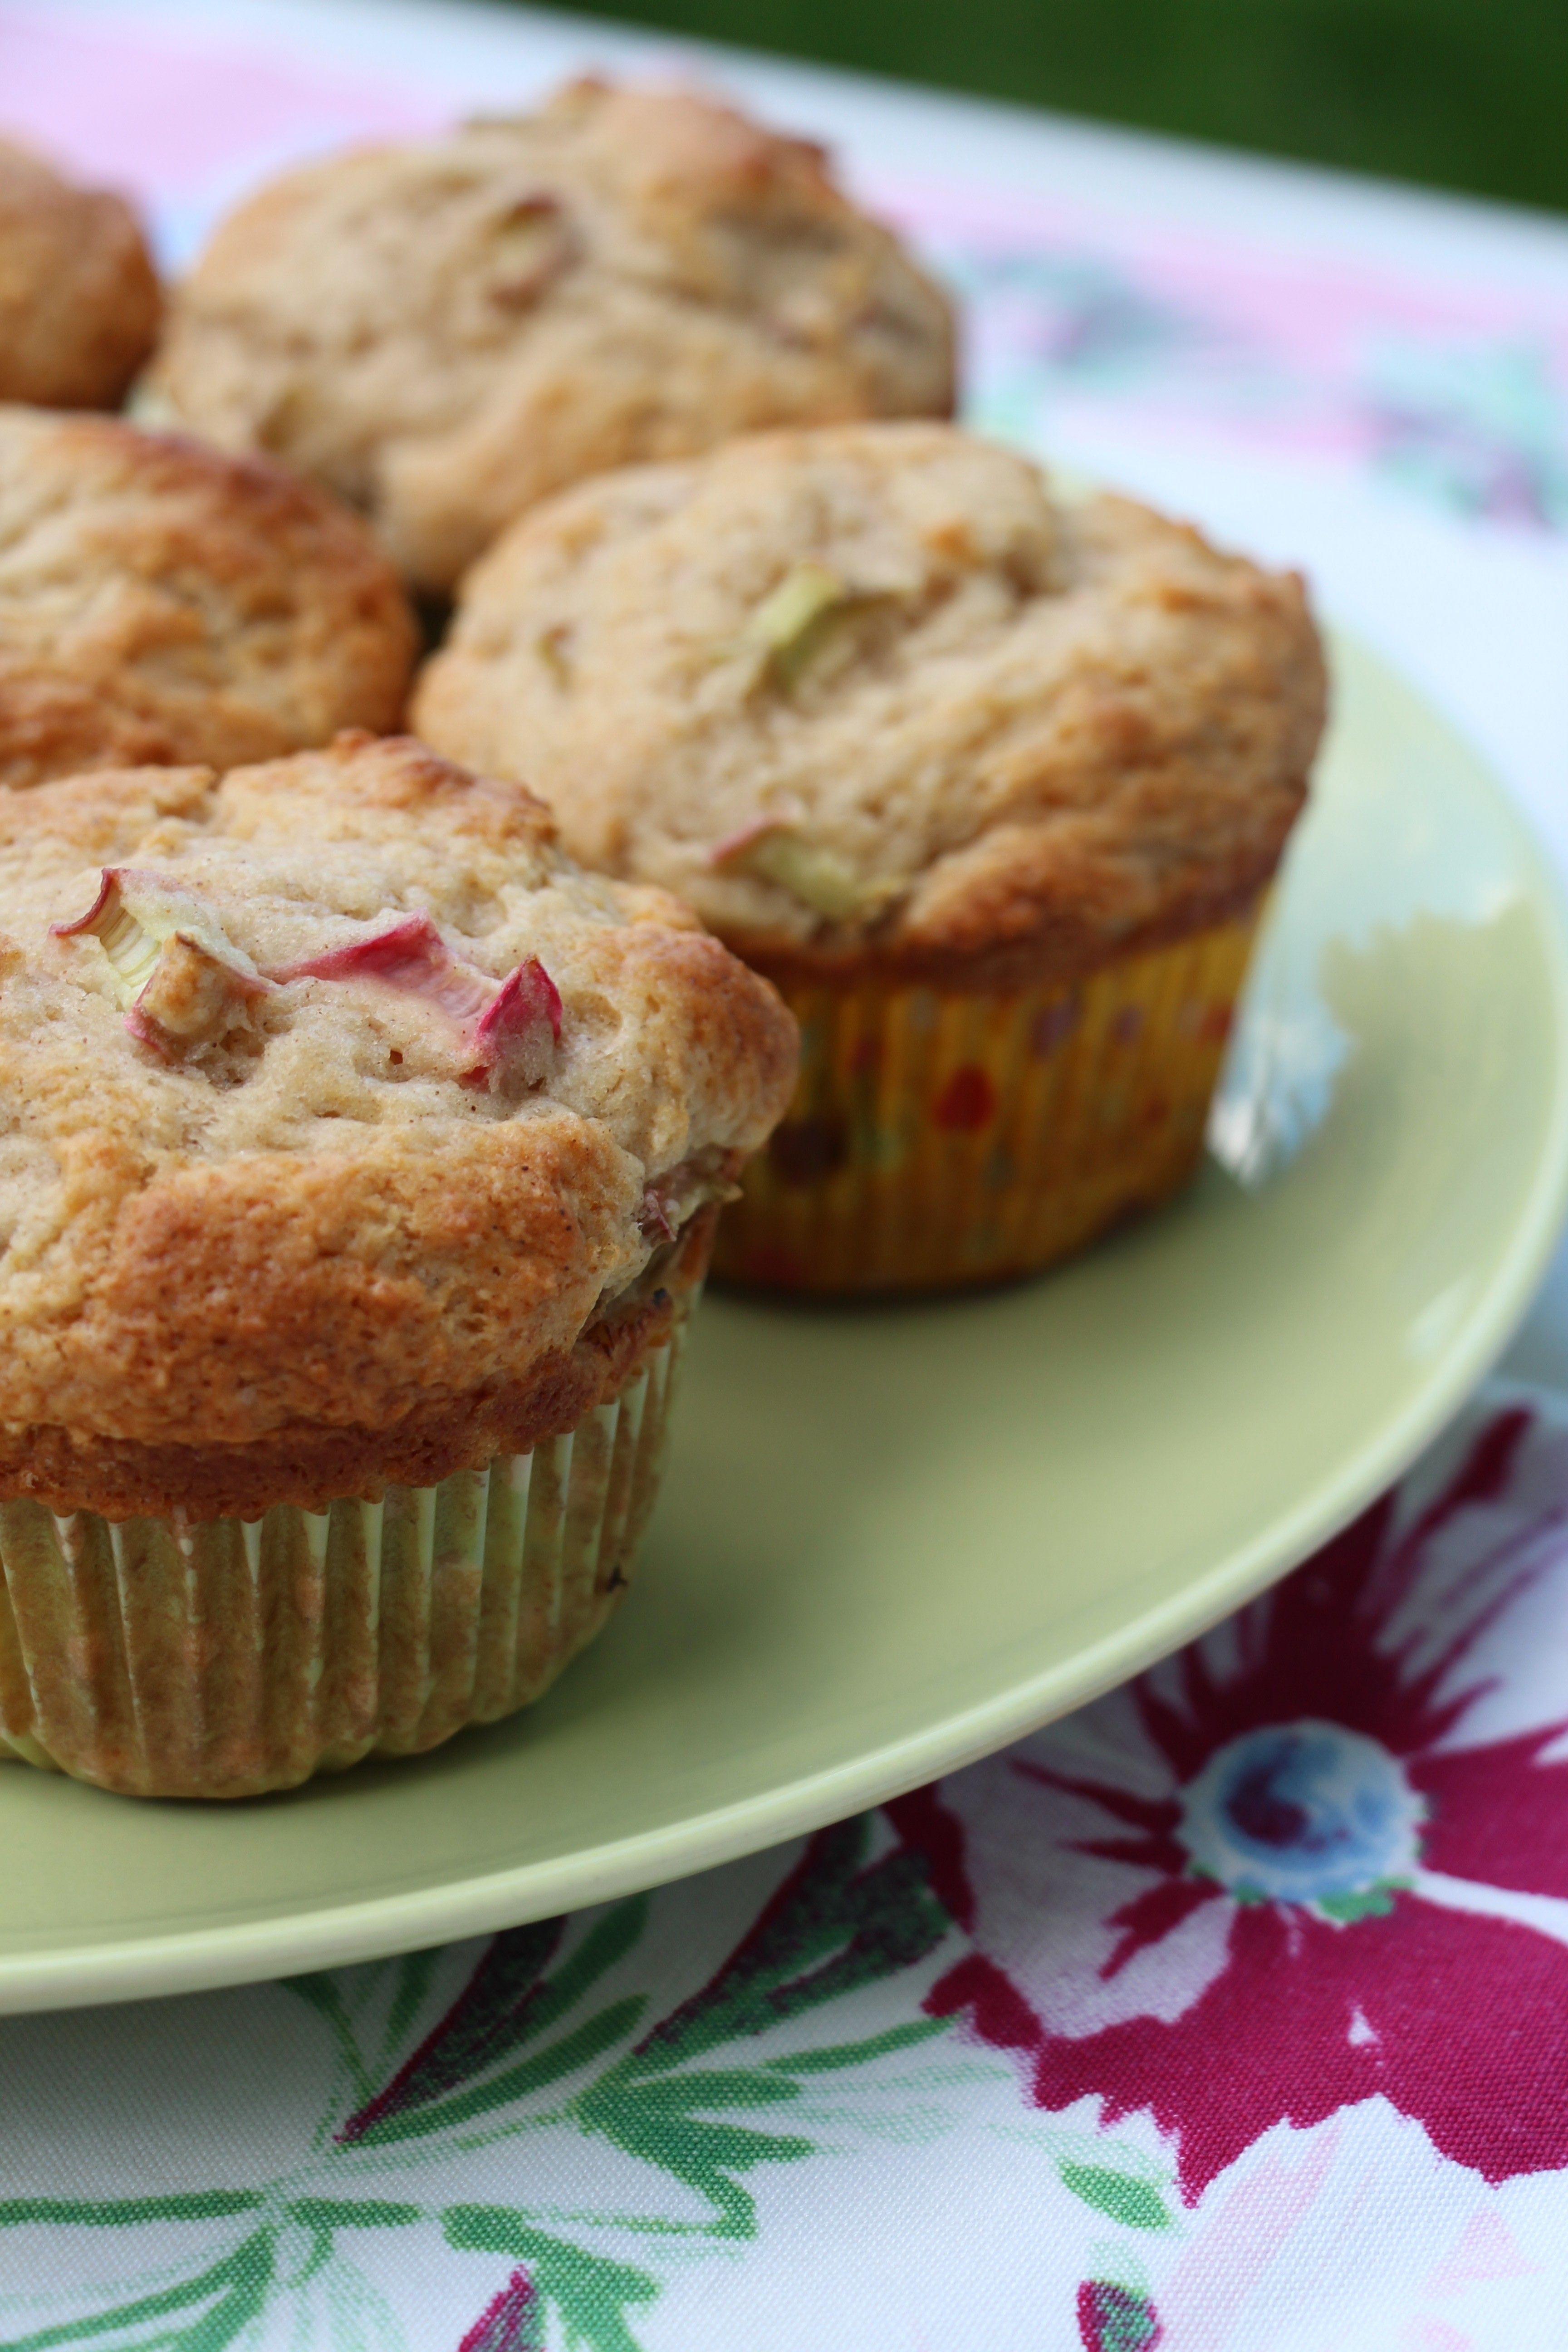 Rhubarb Sour Cream Muffins Recipe Sour Cream Muffins Rhubarb Recipes Rhubarb Desserts